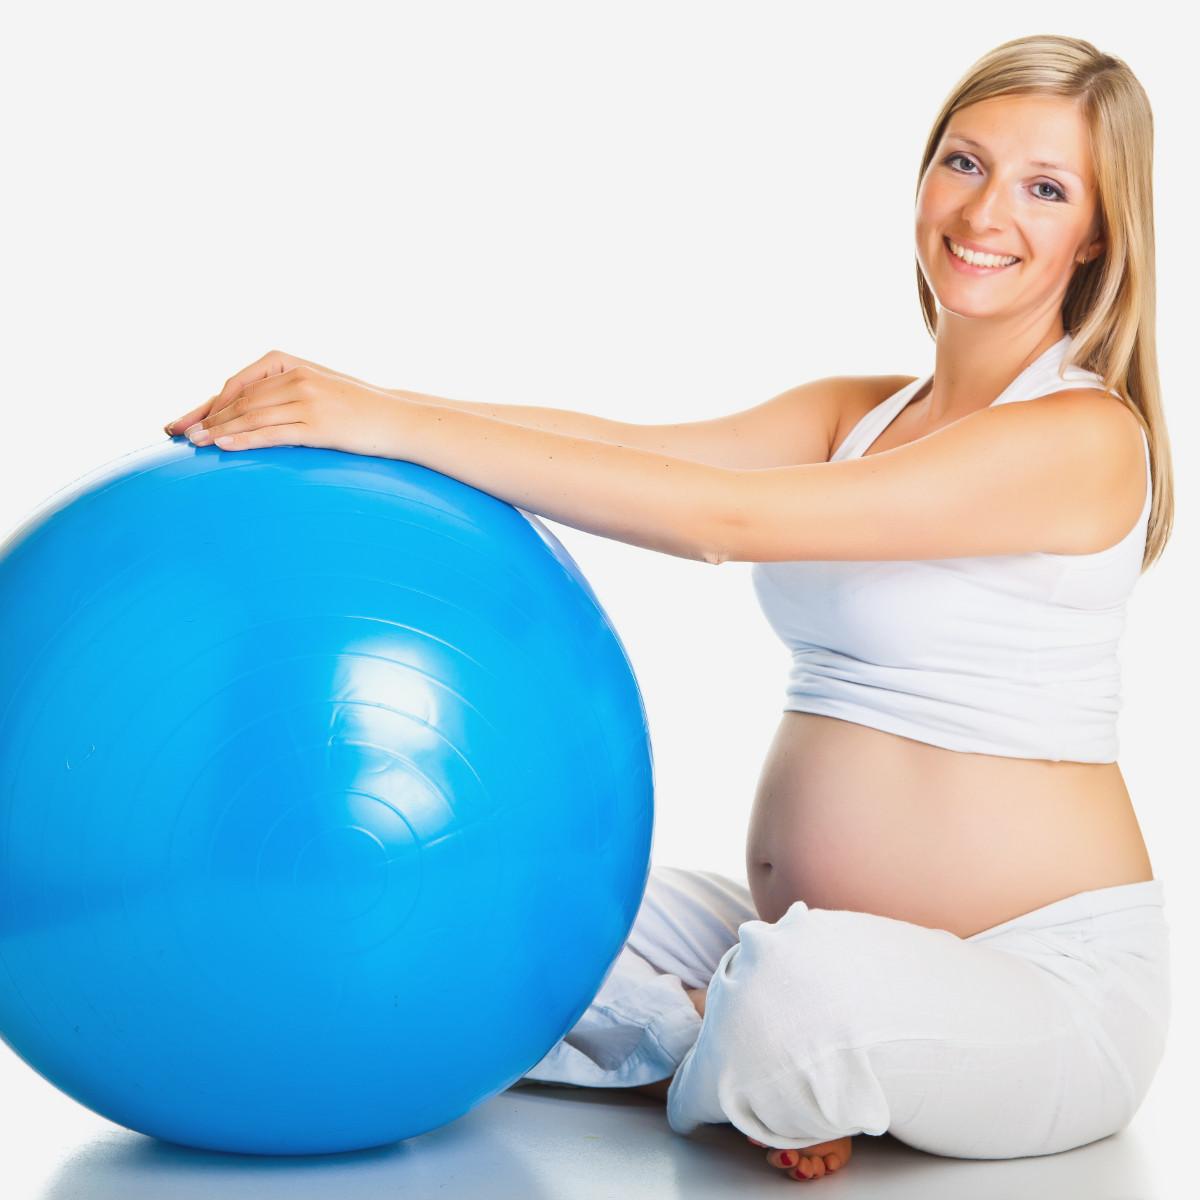 exercicios-durante-a-gravidez-beneficios-modalidades-e-cuidados-necessarios-pilates